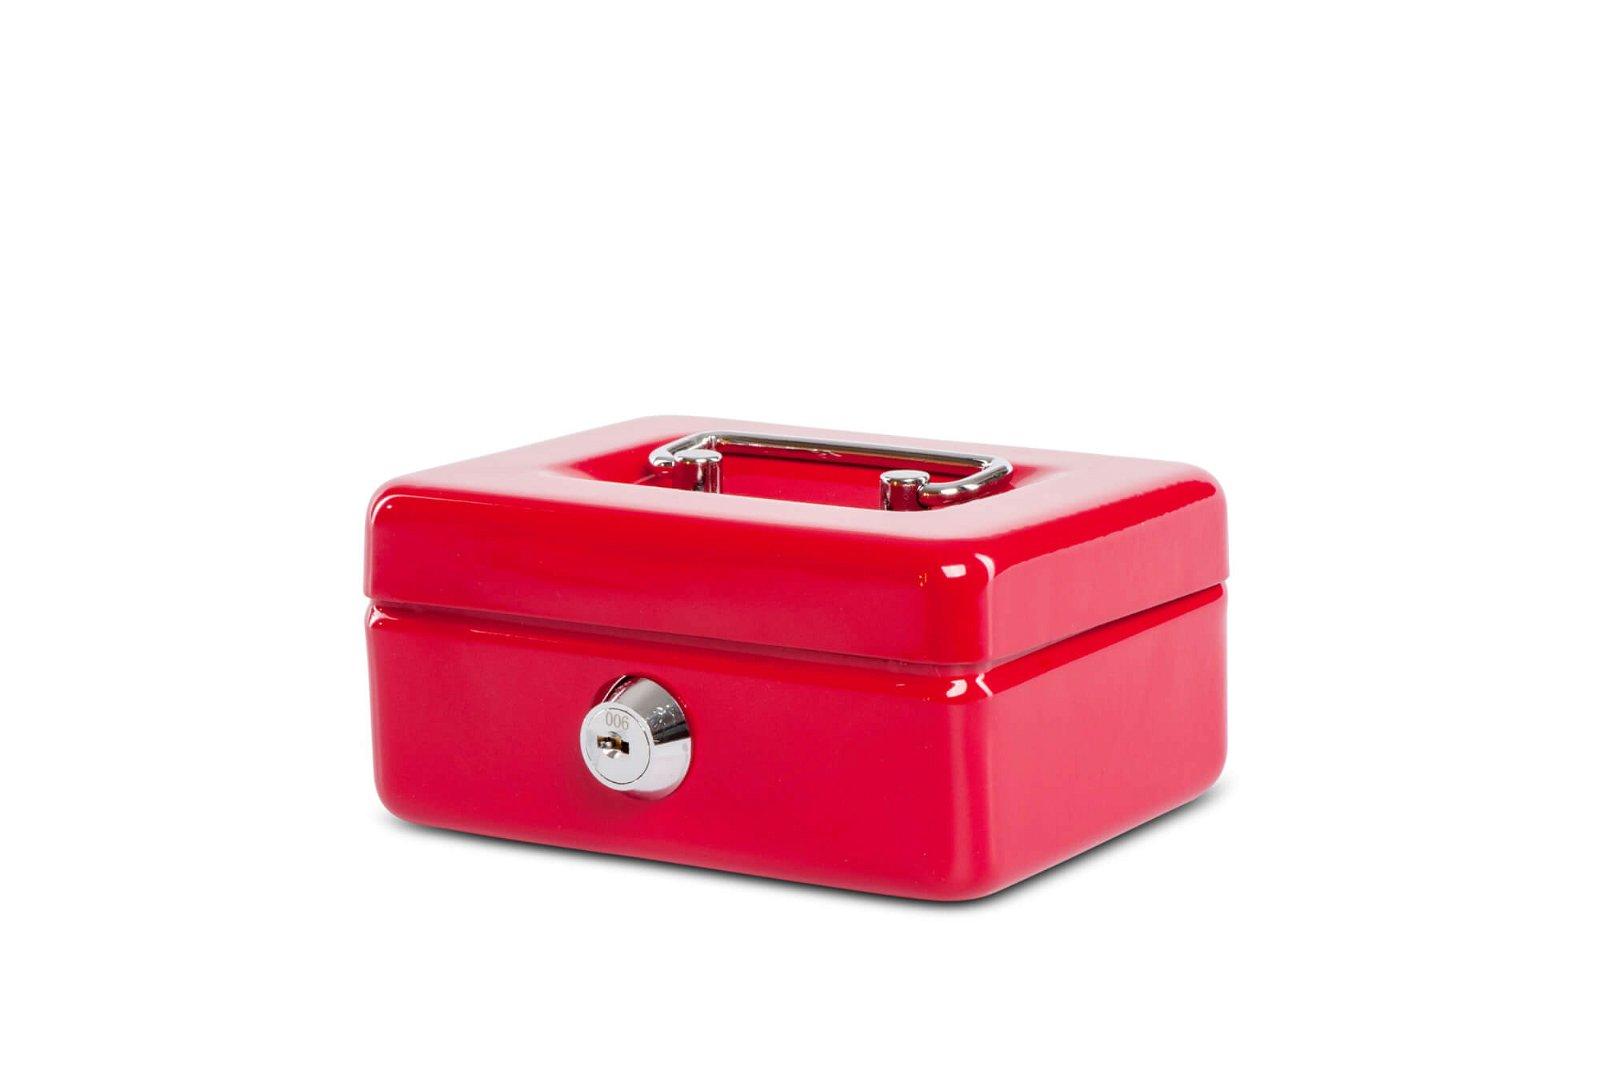 Geldkassette mit Münzeinwurf, 12,5 x 9,5 x 6 cm, rot